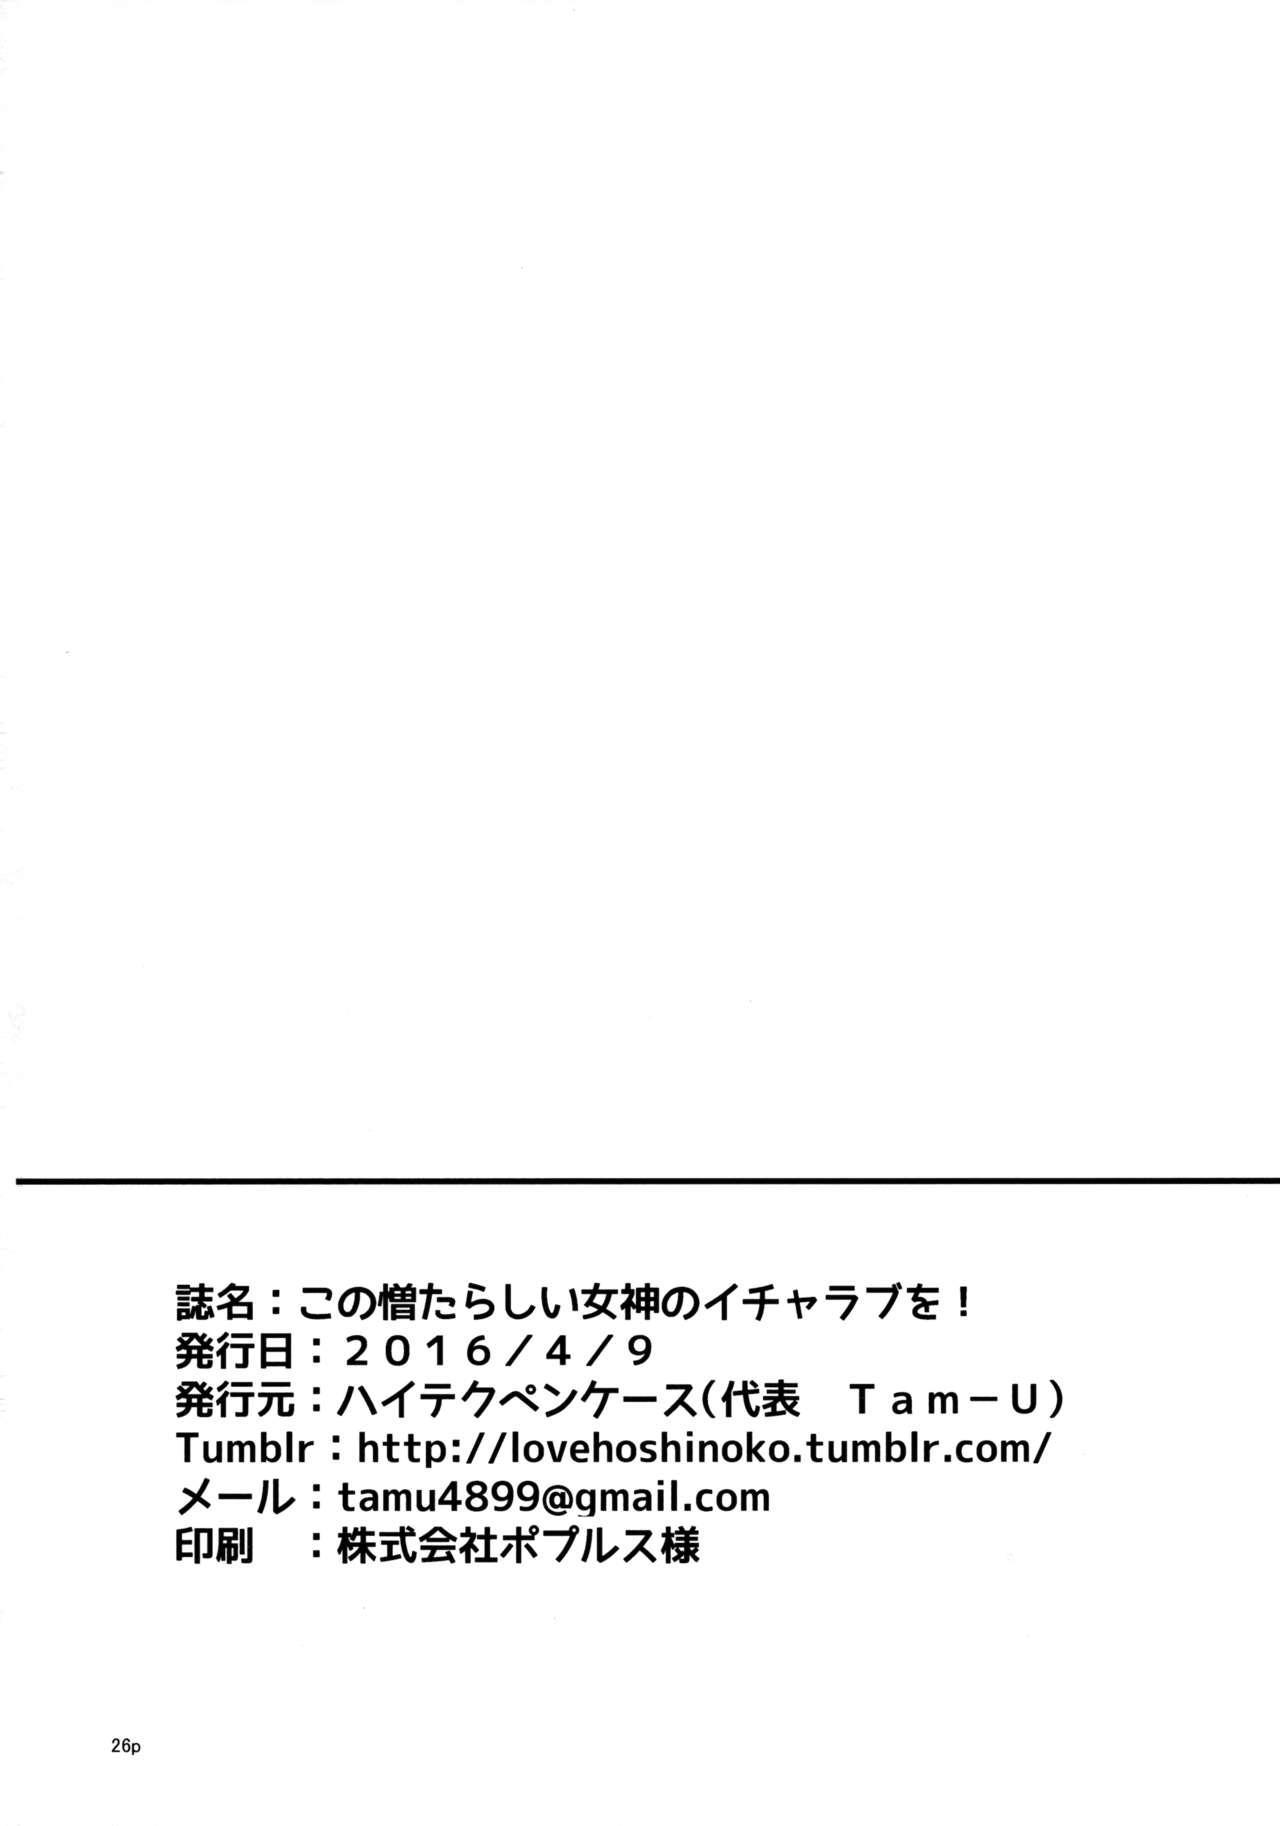 Kono Nikutarashii Megami no Icha Love o! 24